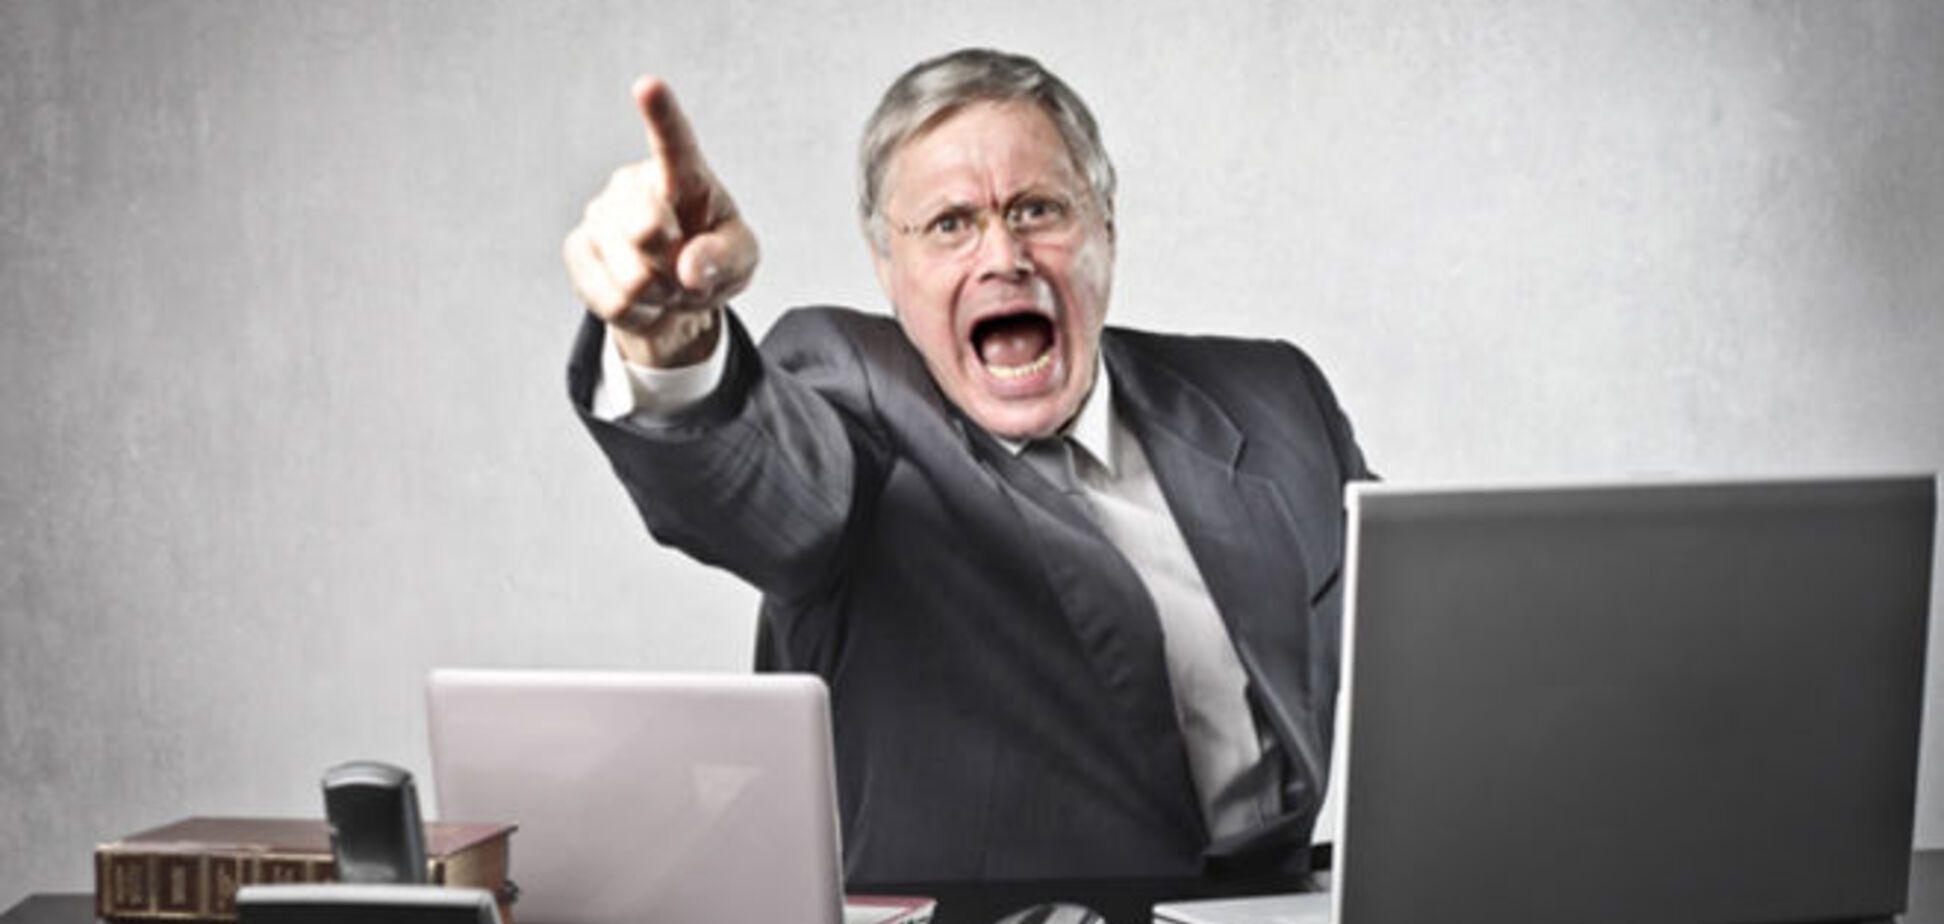 В сети появился анонимный блог для жалоб на начальство и коллег